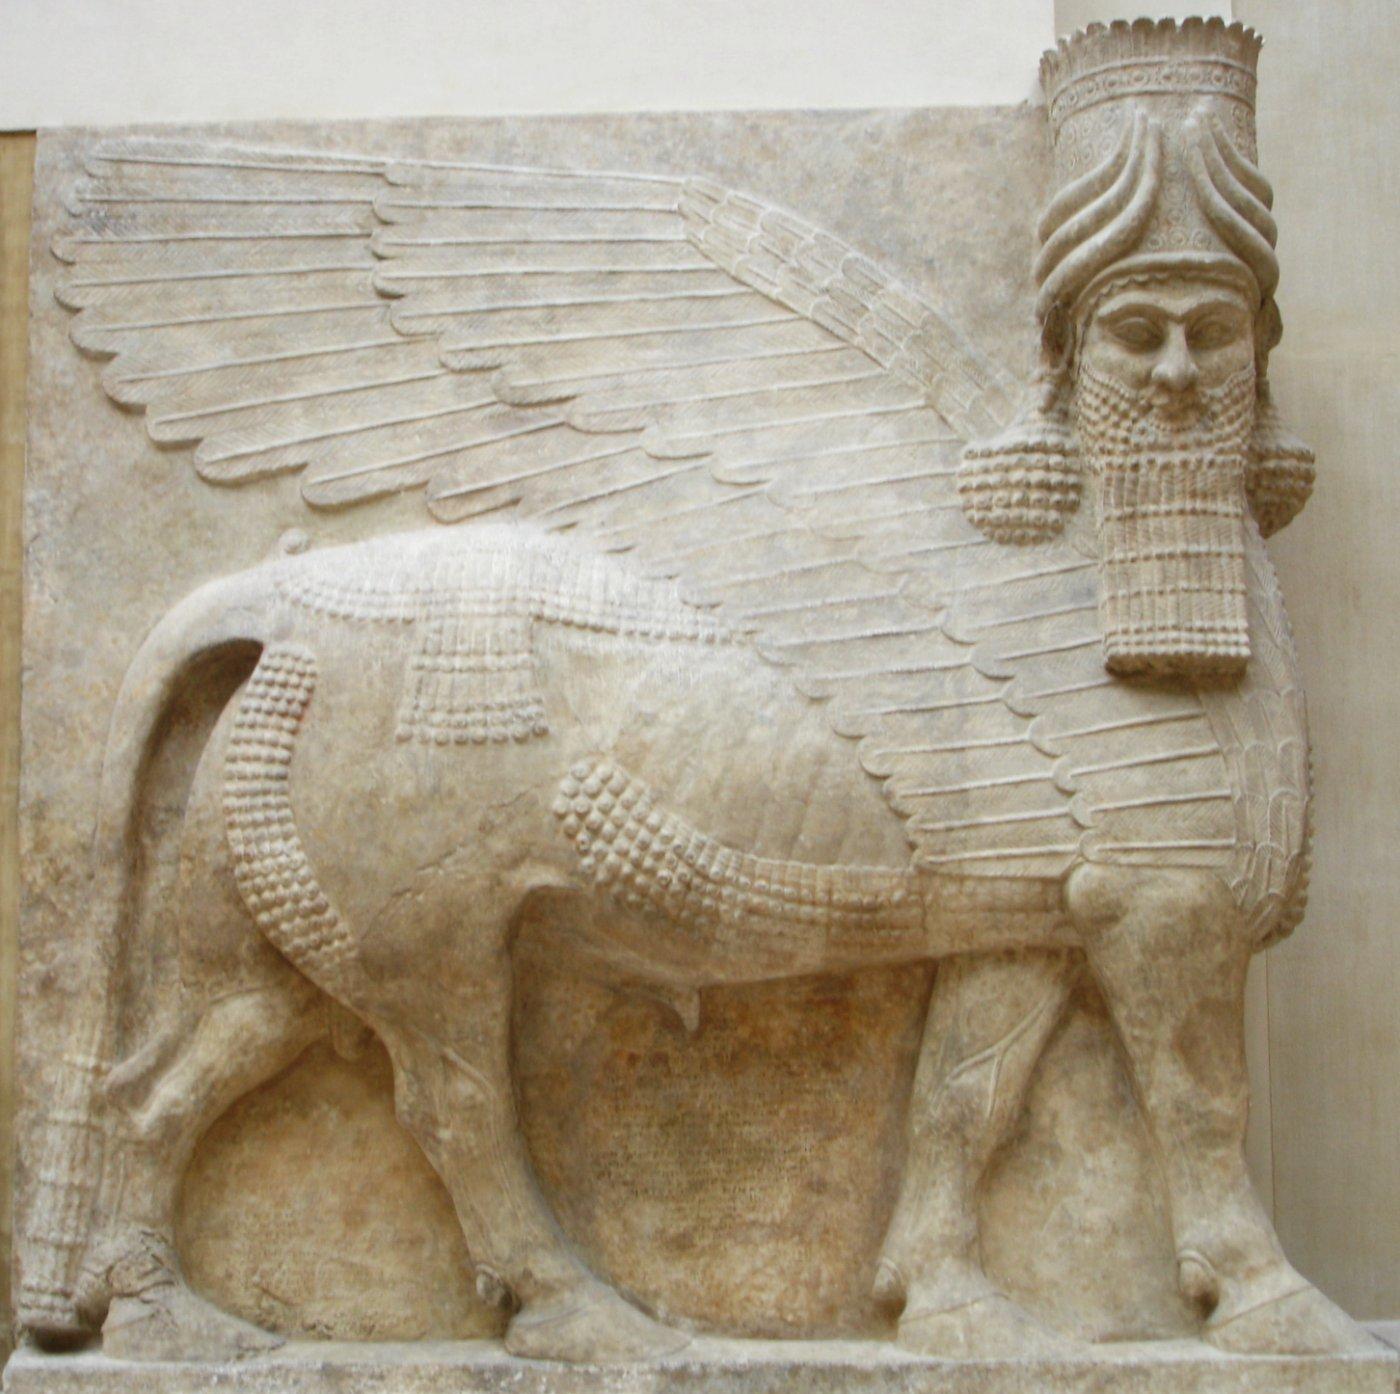 Todos sabemos que la combinación de distintos seres y símbolos era bastante común en el antiguo Egipto, lo mismo que en la antigua Mesopotamia. Basta recordar a las esfinges egipcias, a los toros alados babilonios o a las harpías griegas. Ezequiel, en efecto, fue uno de los profetas judíos que vivieron el exilio en Babilonia alrededor del siglo VI antes de Cristo, de modo que su visión podría haber estado influenciada –señalan los biblistas- por el antiguo arte asirio, en el que estos motivos eran bastante comunes. Foto de By Marie-Lan Nguyen - Own work, Public Domain.